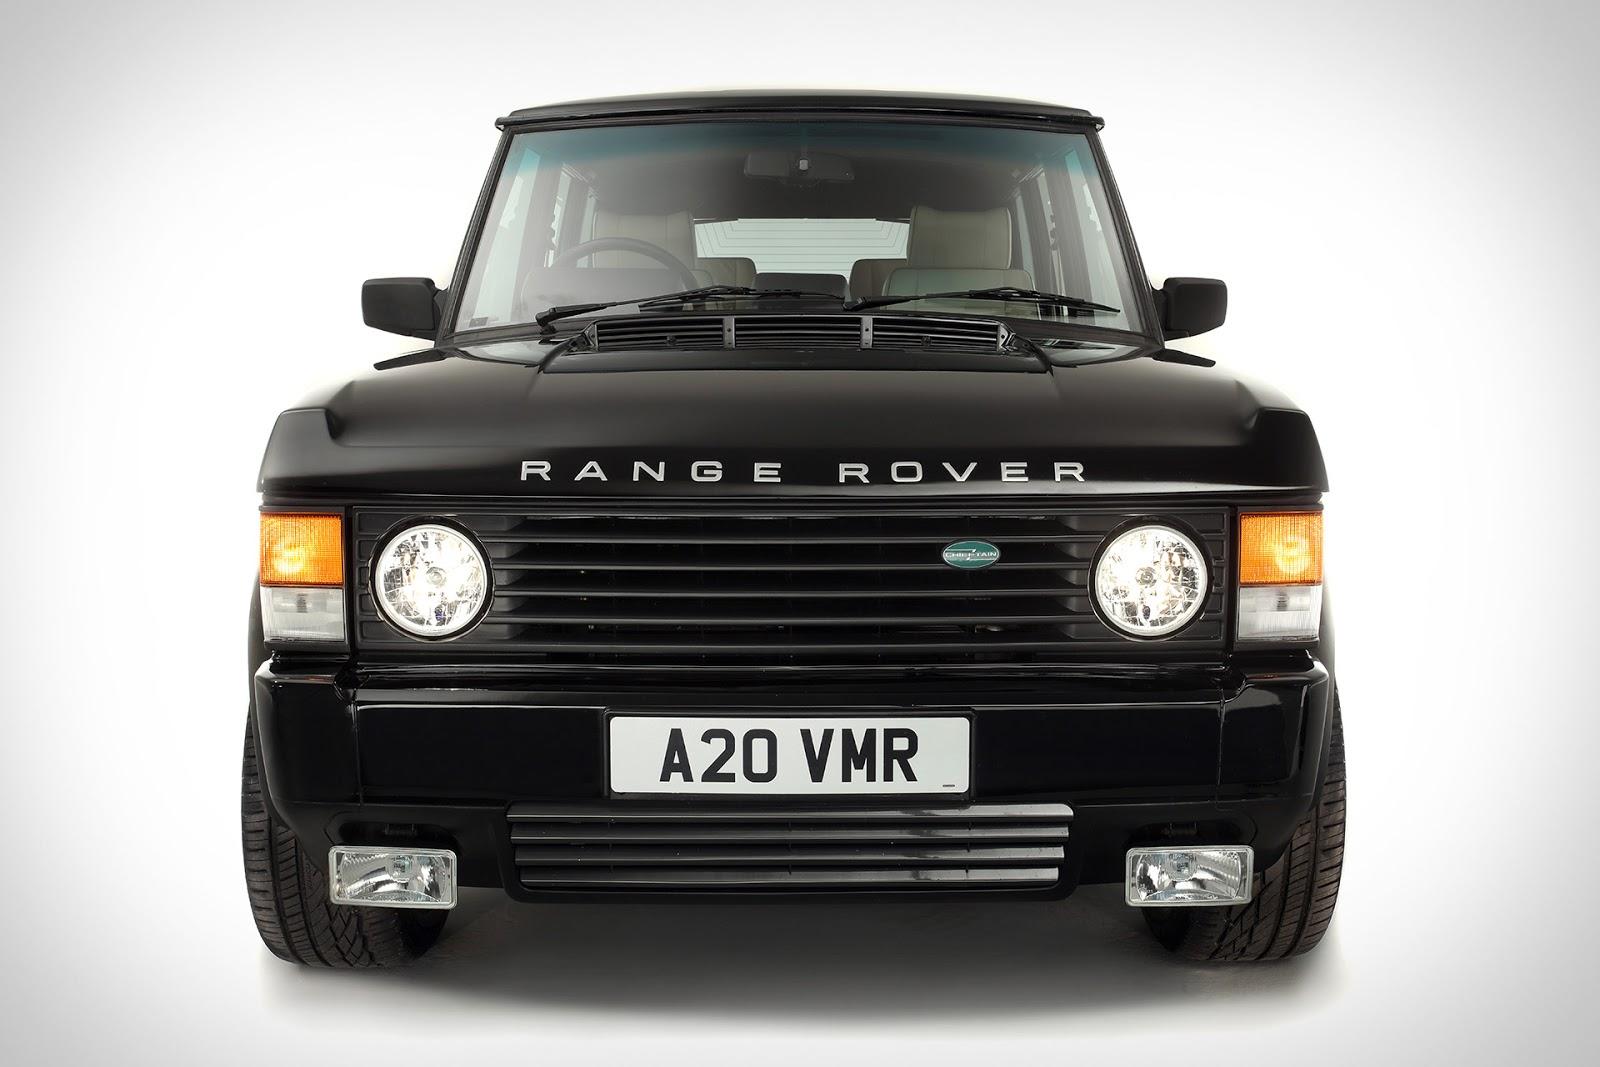 range rover with a lsa v8 engine swap depot. Black Bedroom Furniture Sets. Home Design Ideas